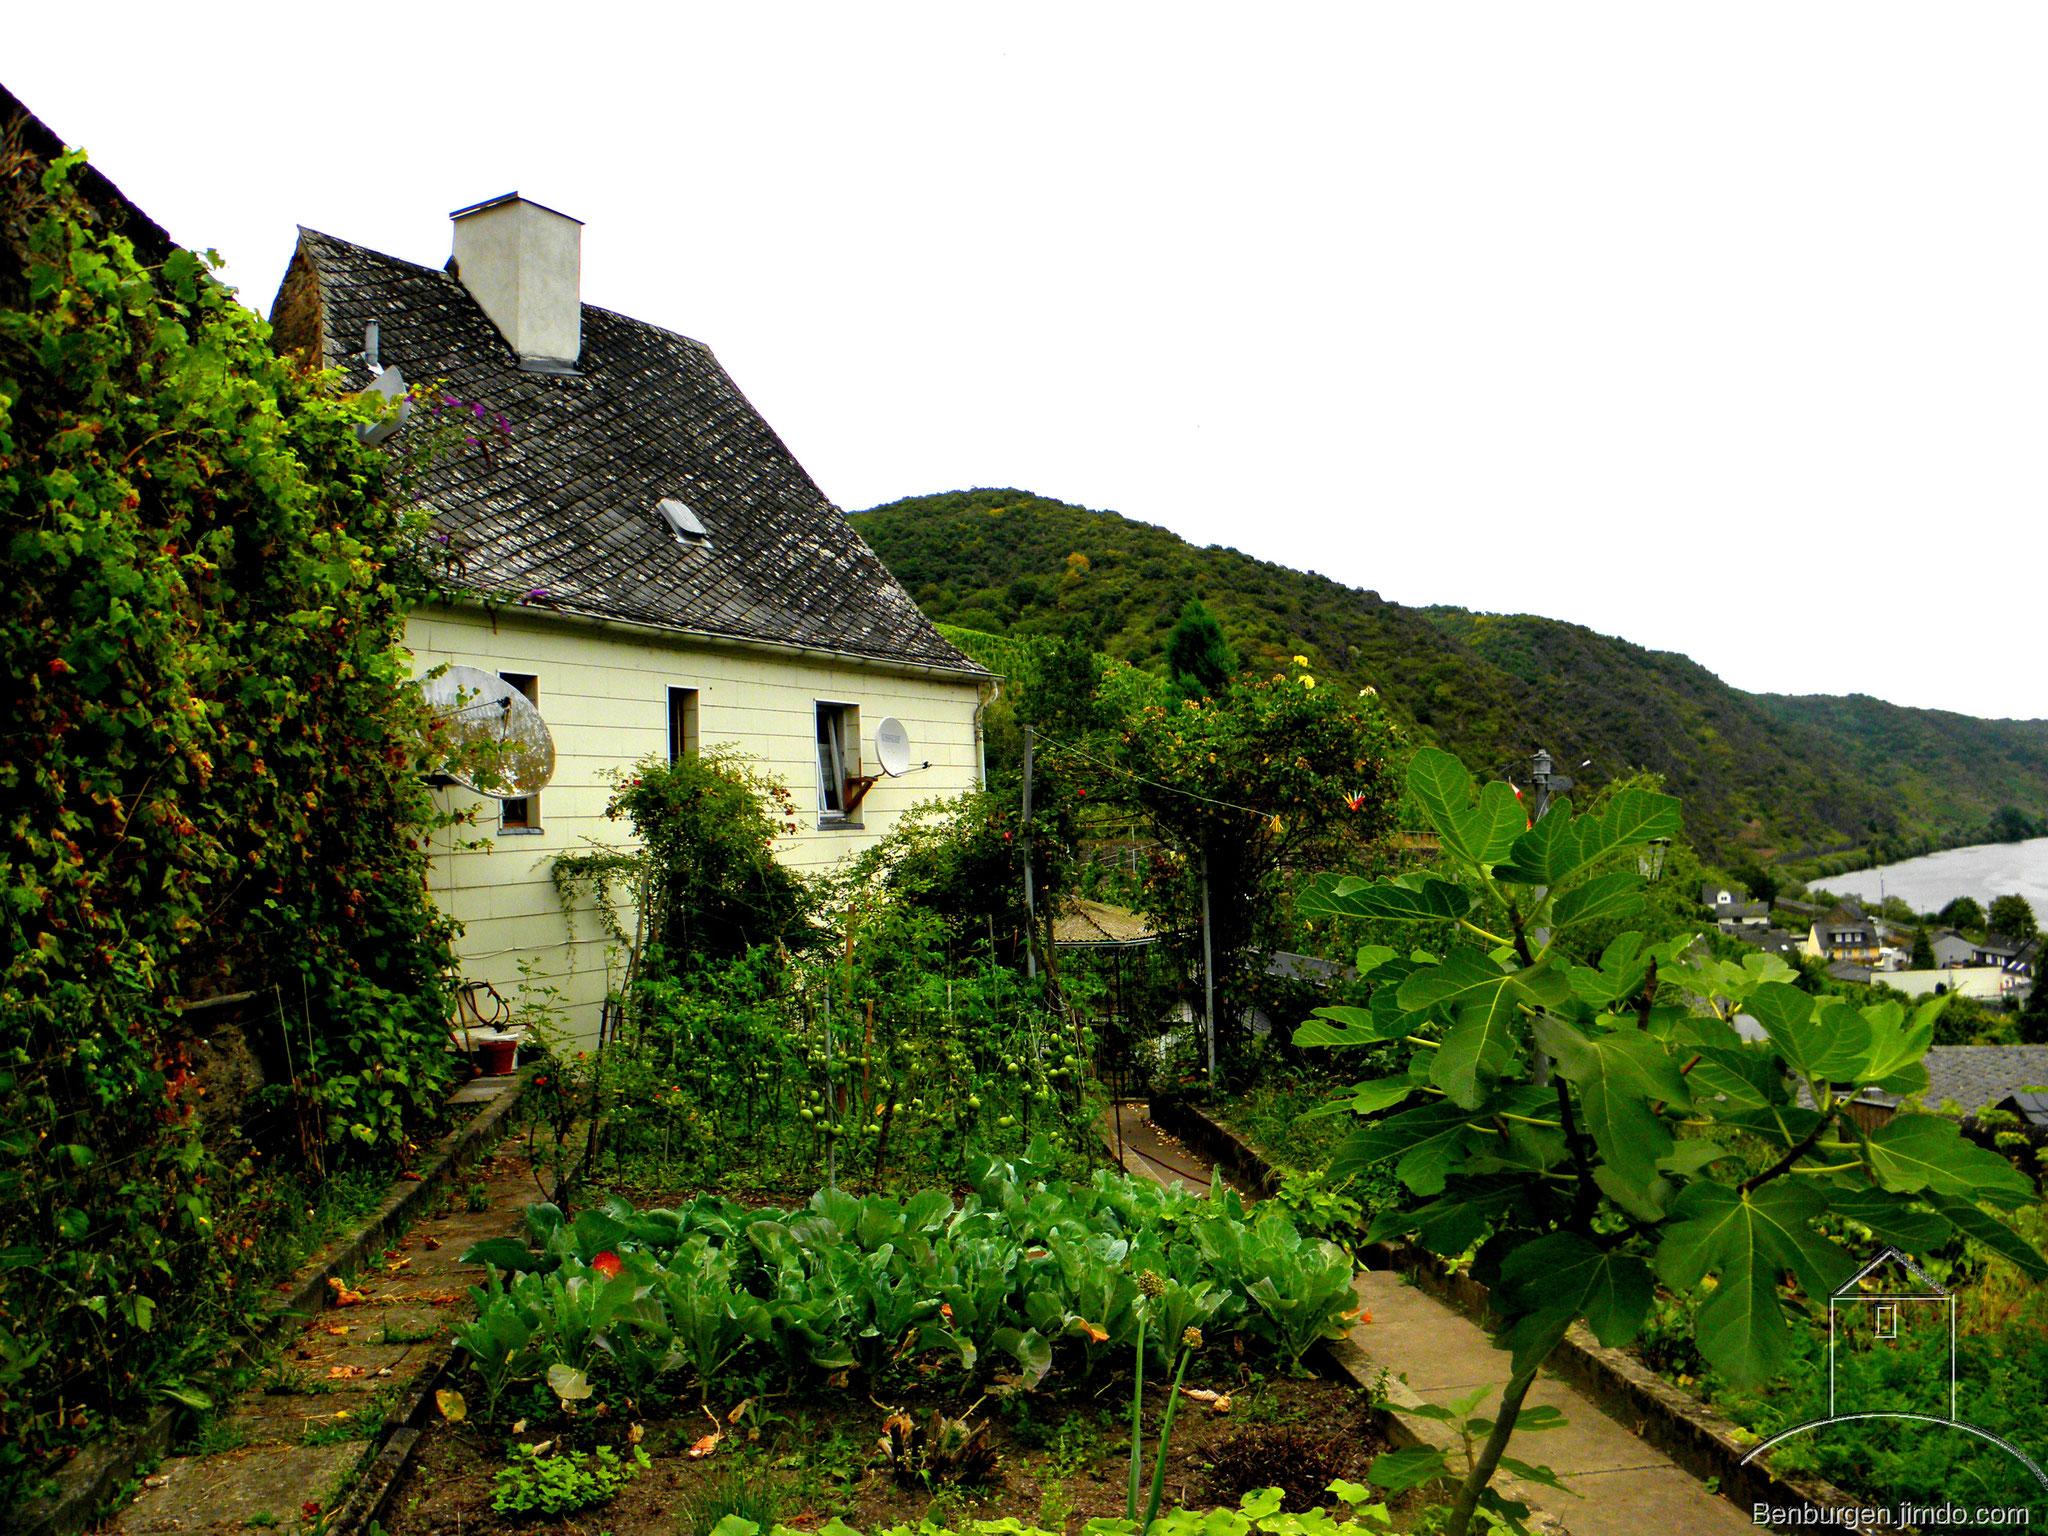 Haus mit Garten.